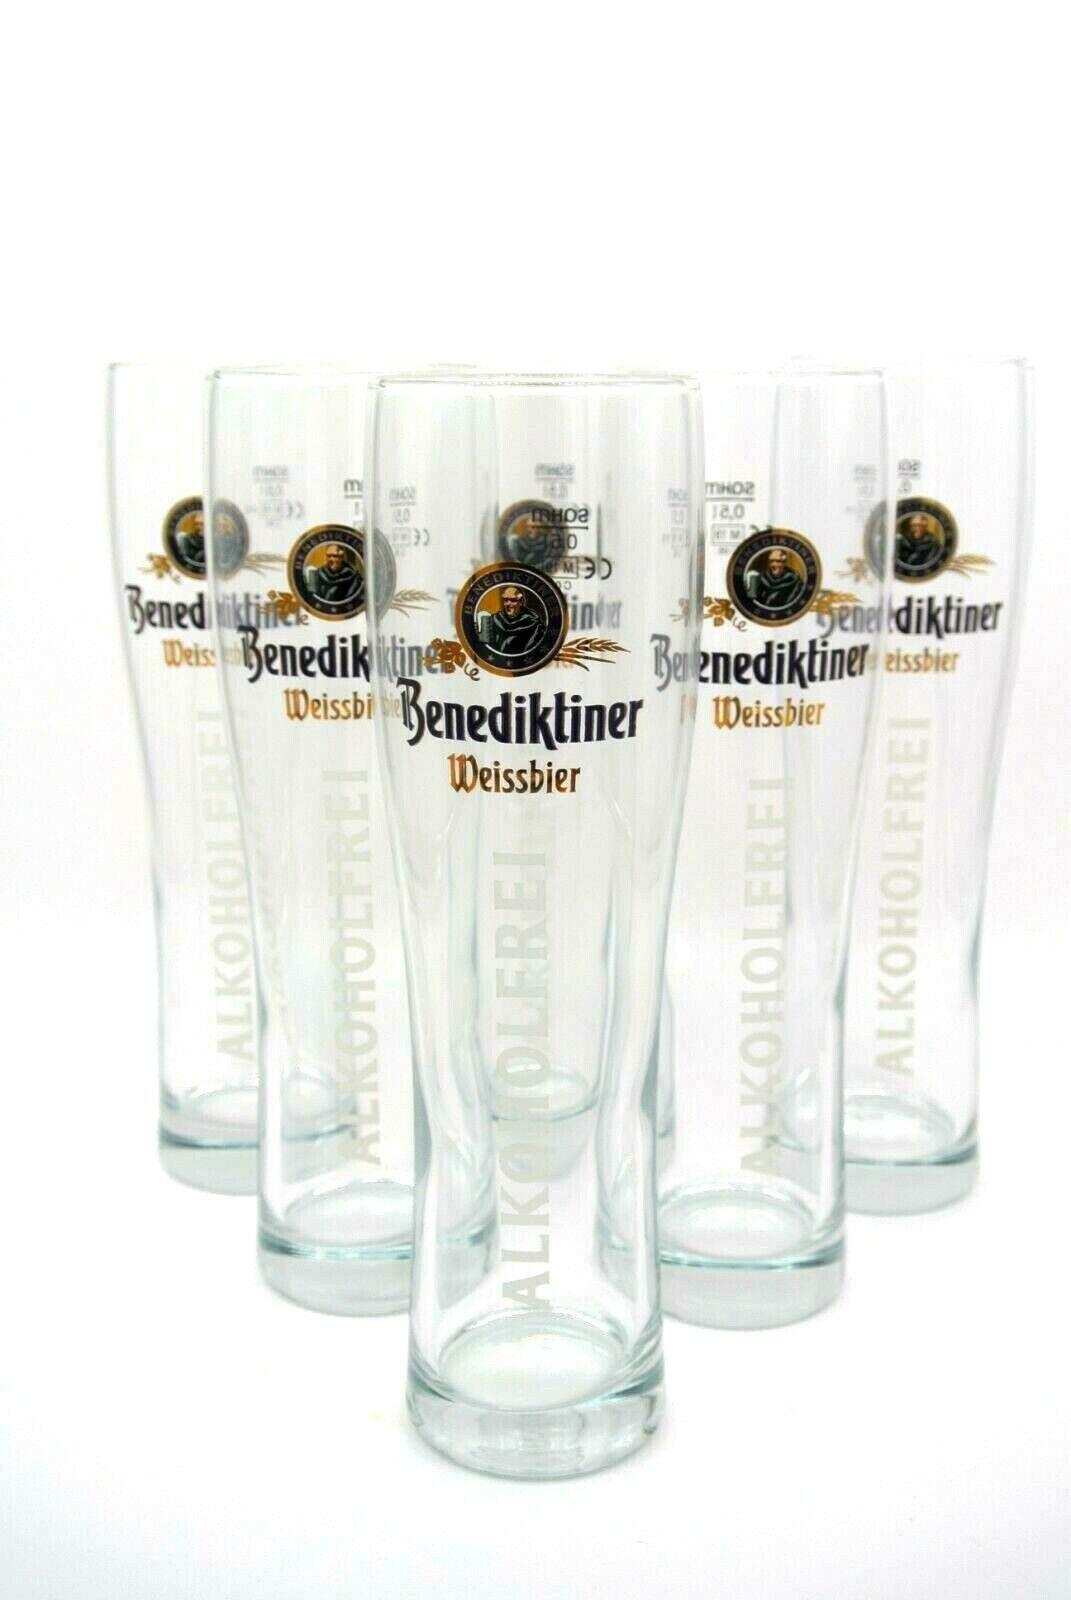 6 Benediktiner Alkoholfrei Weissbier Gläser 0,5l mit Logo NEU Glas Bier Bar Deko